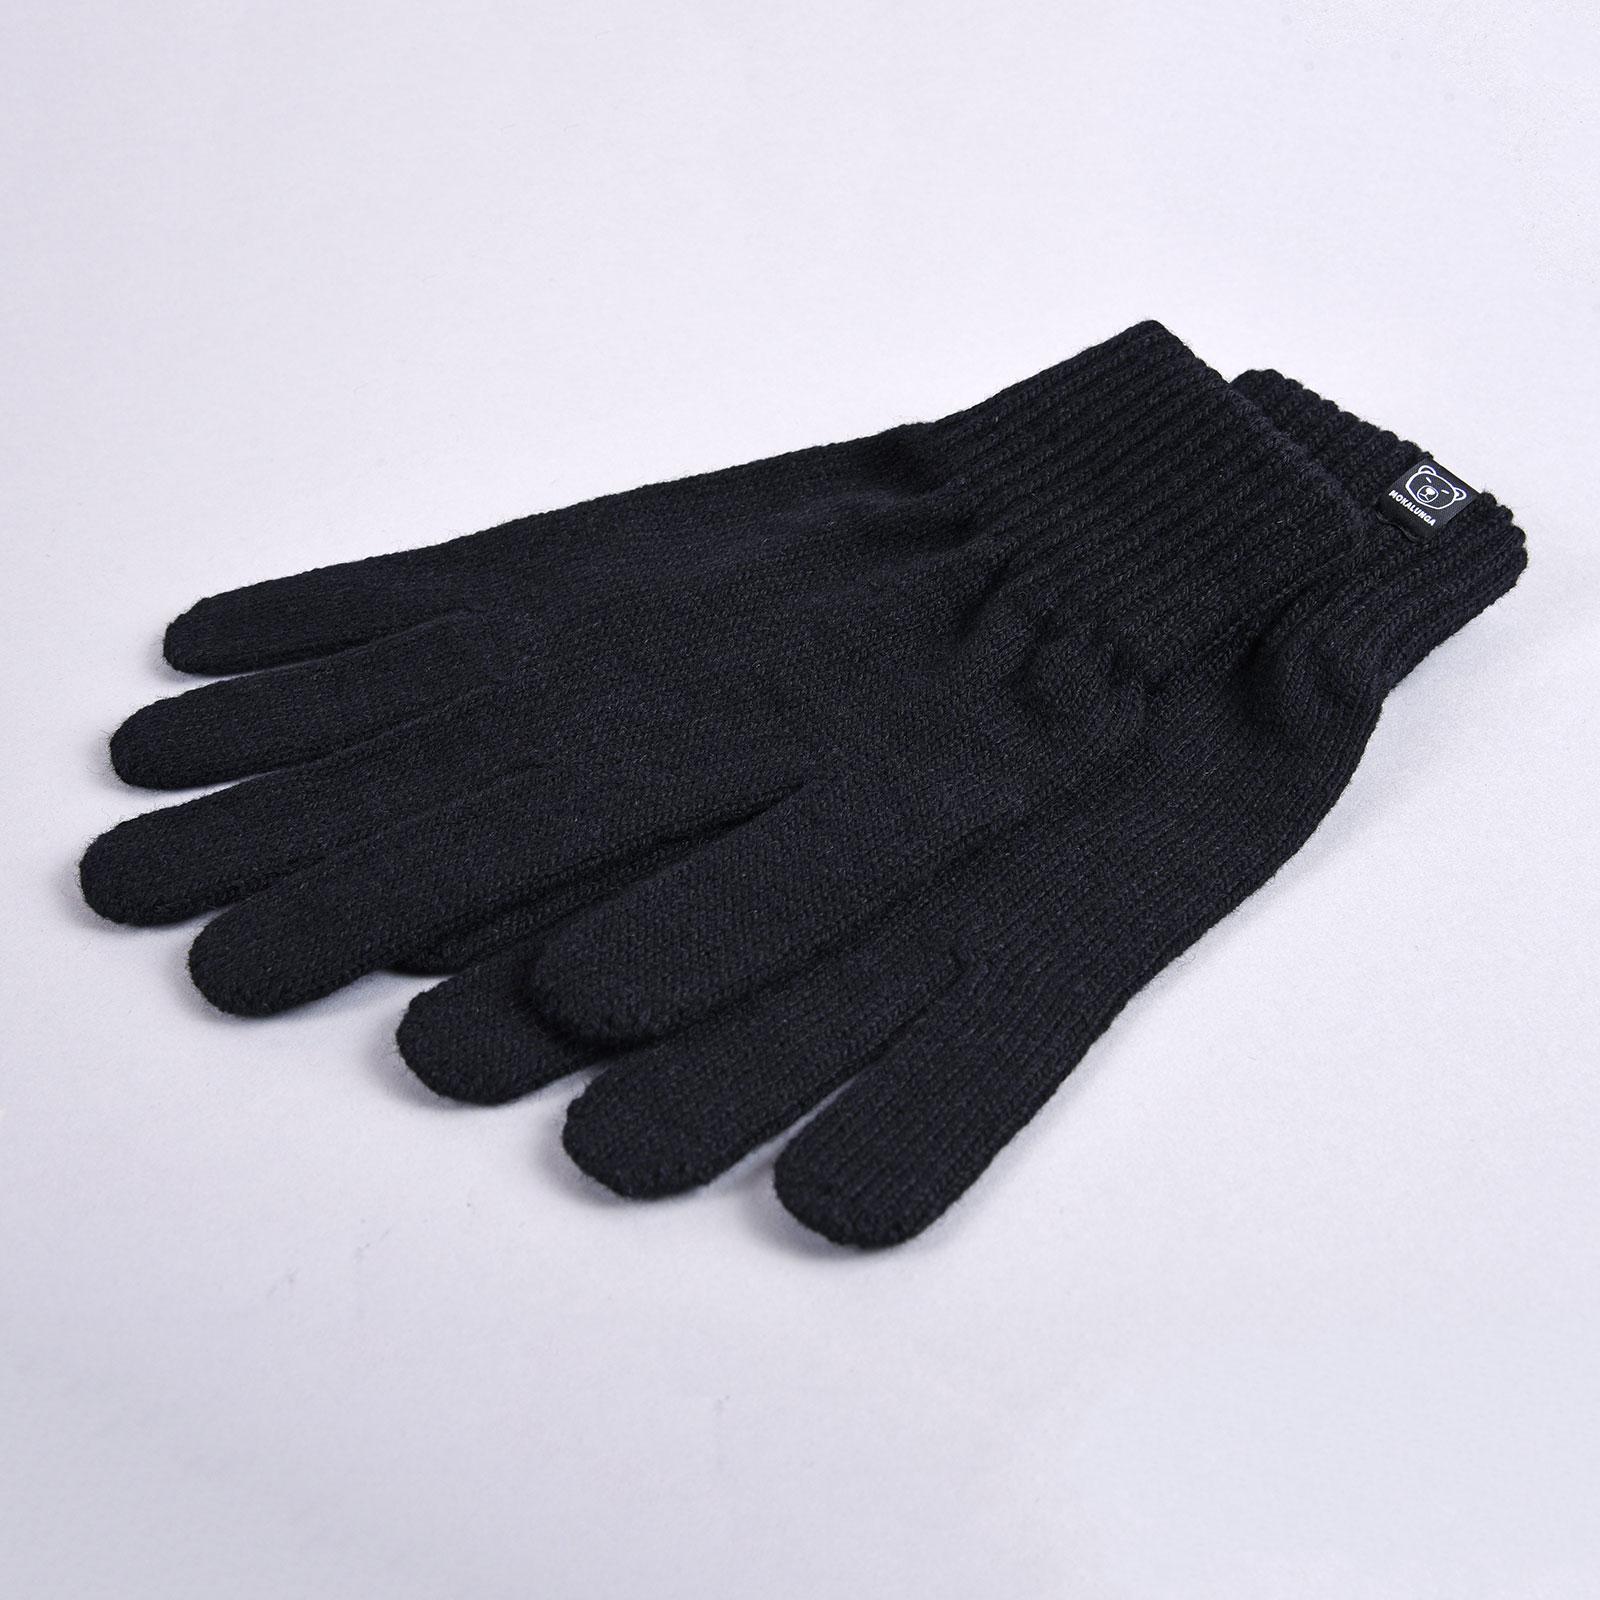 GA-00020-F16-2-paire-de-gants-homme-noirs